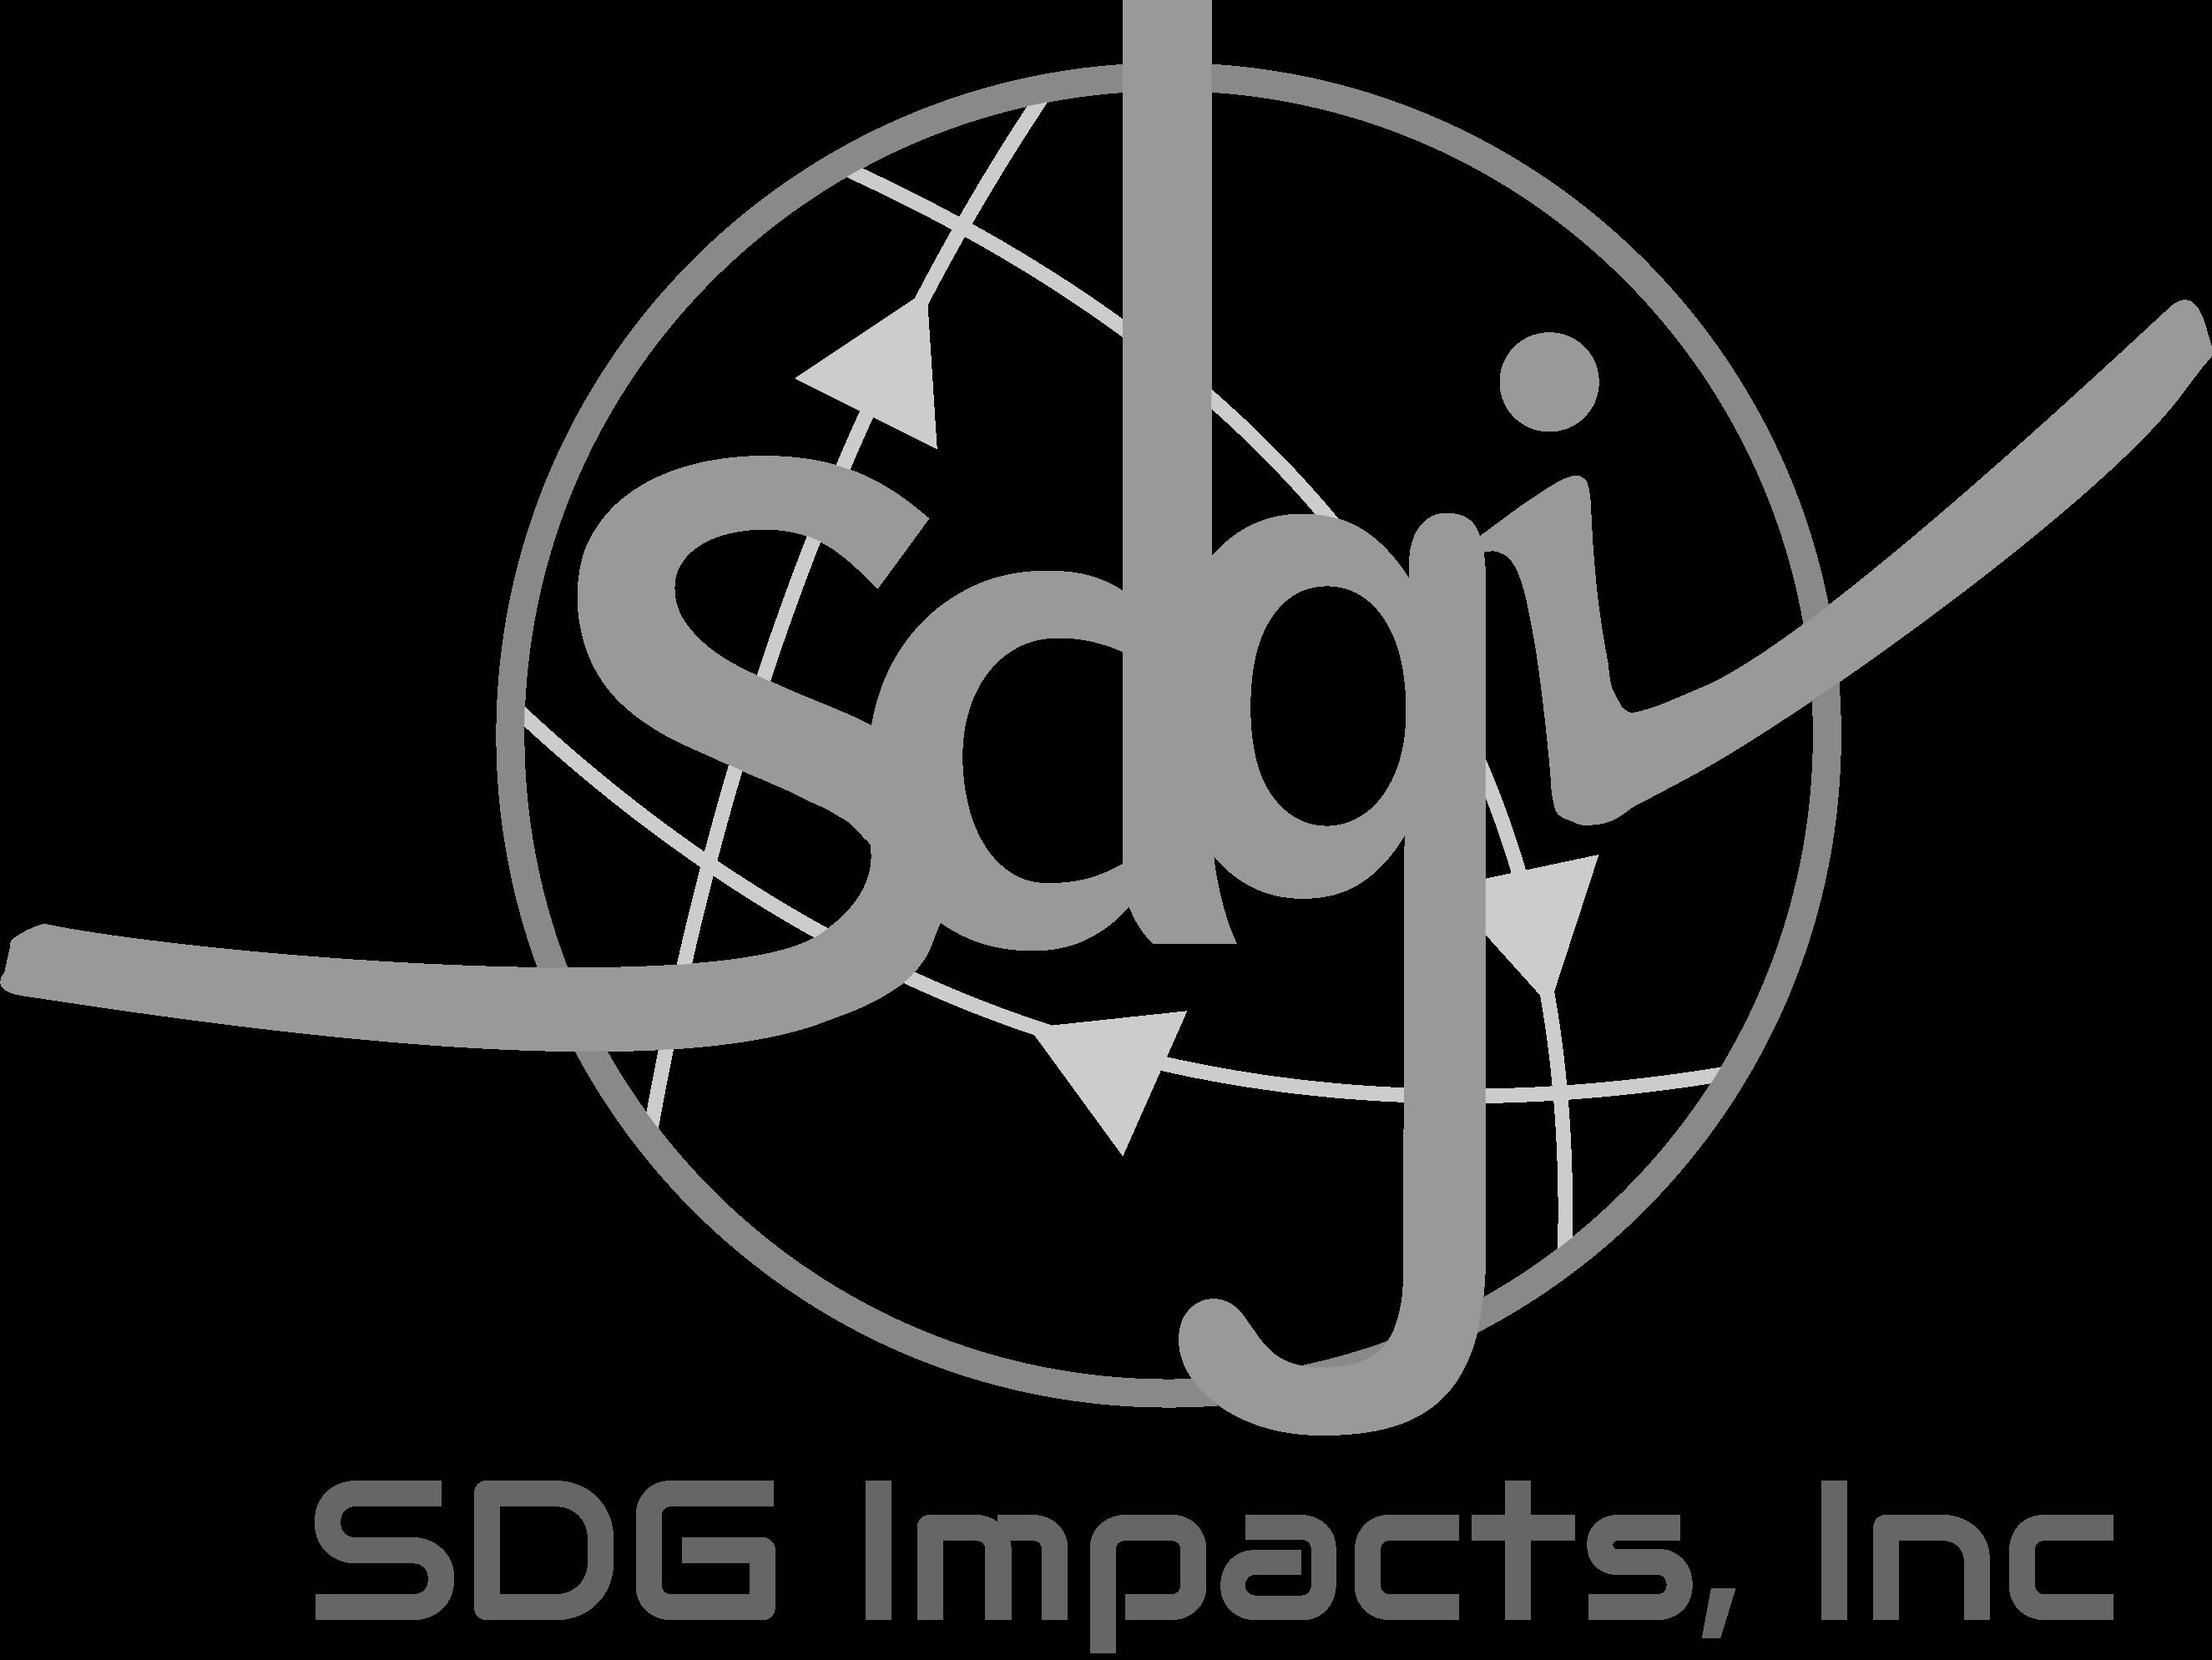 SDG Impacts